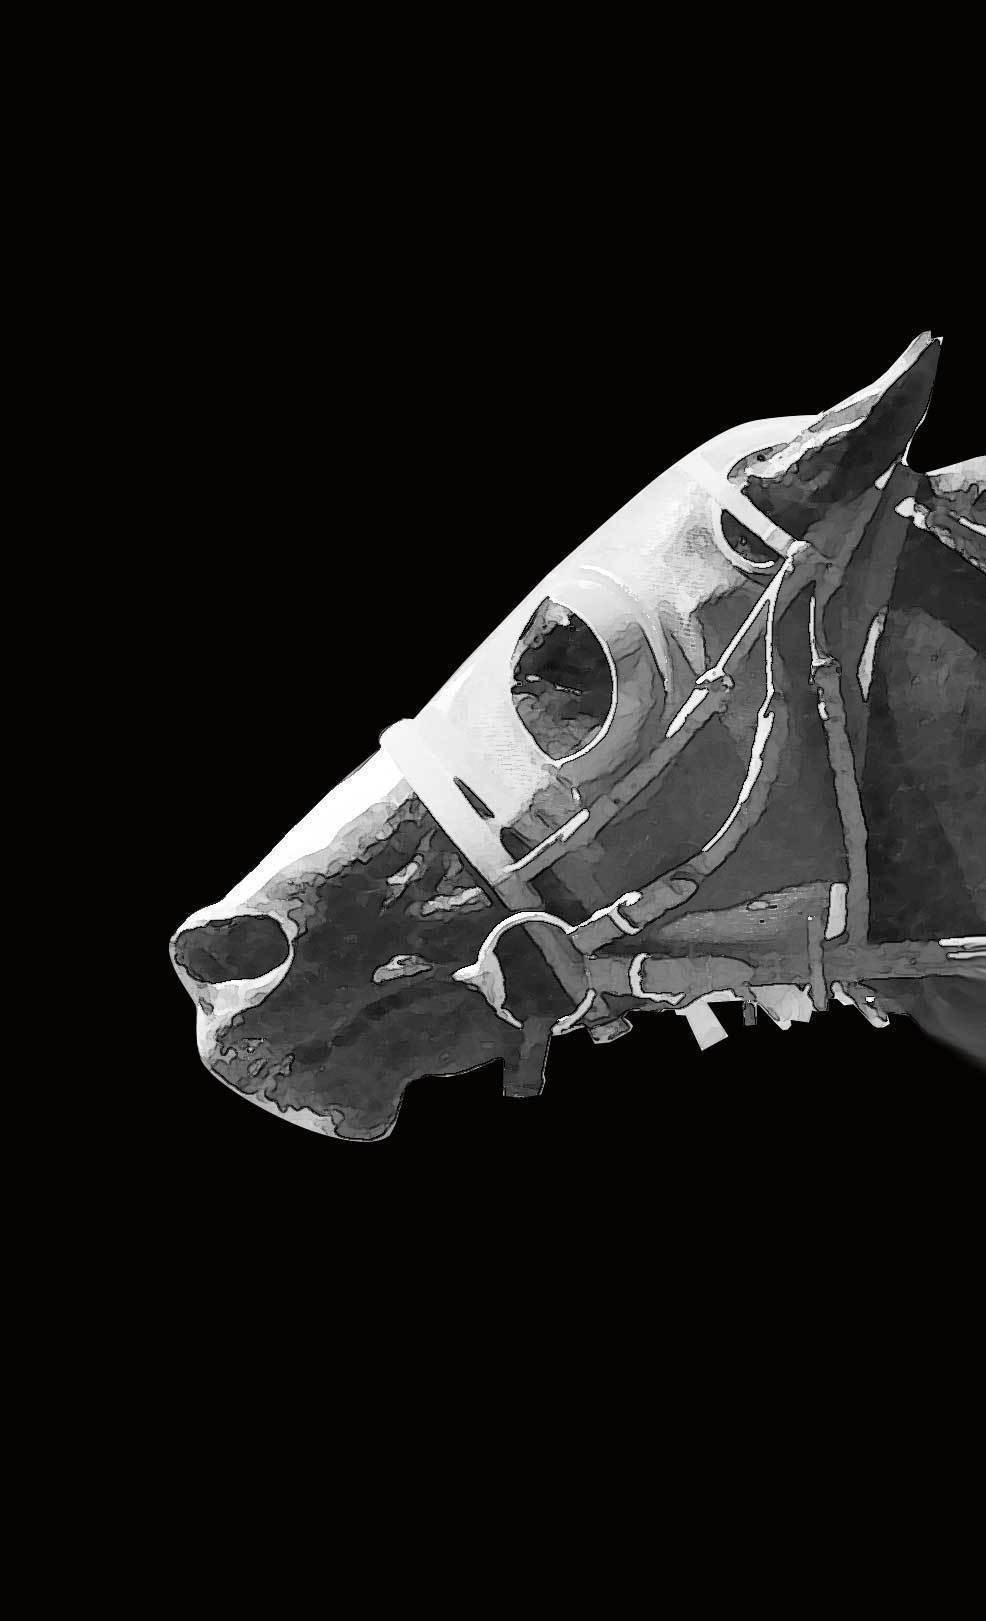 モノトーン馬の壁紙スマホ版 ニック Note